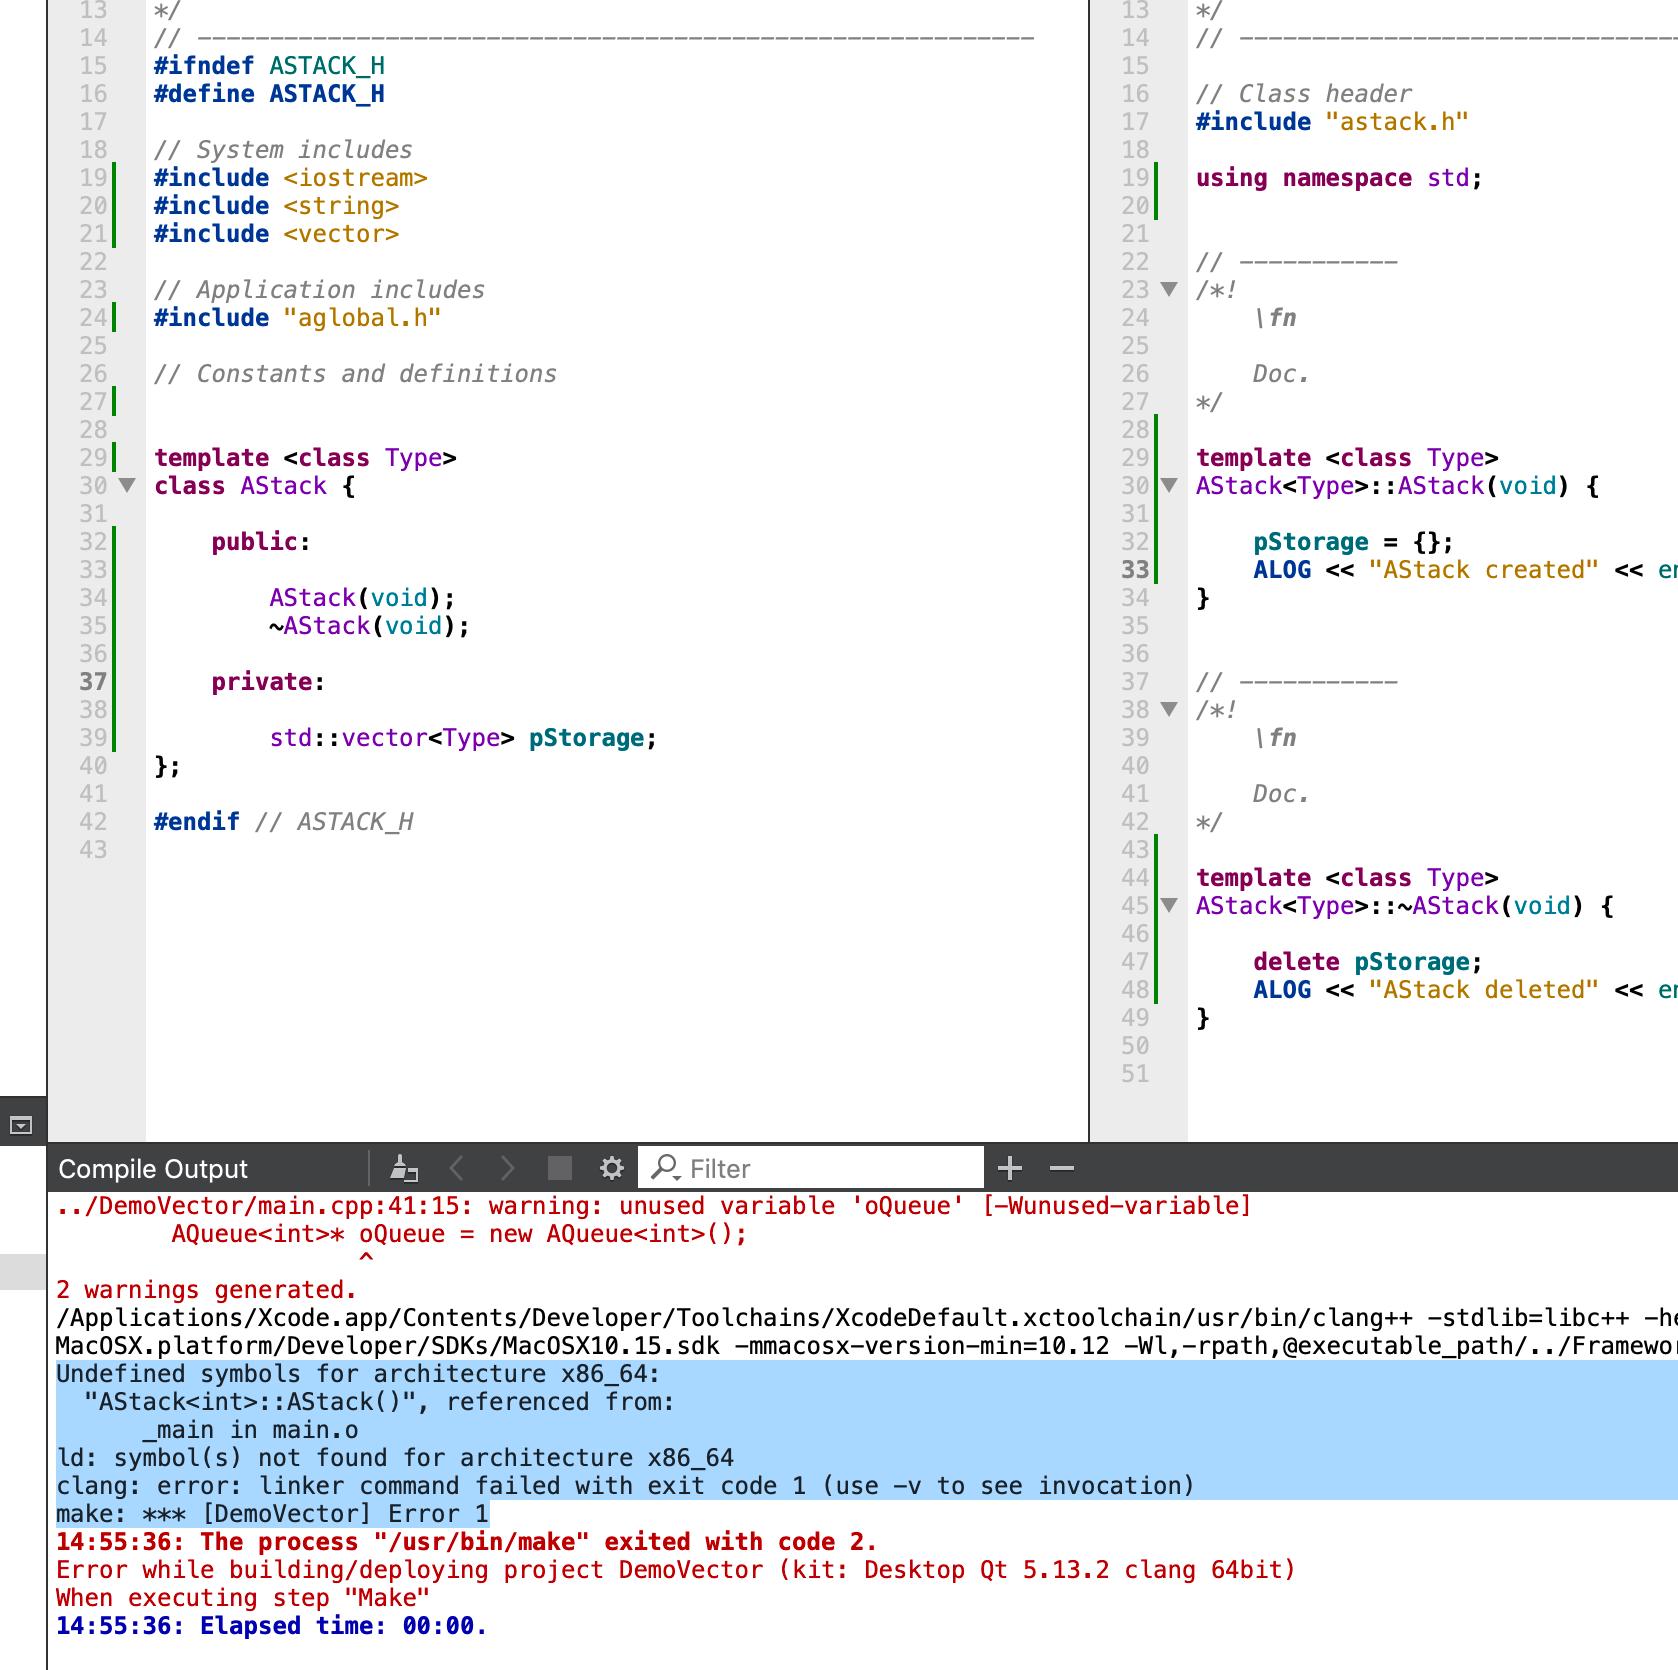 Screenshot 2020-01-19 at 15.08.47.png